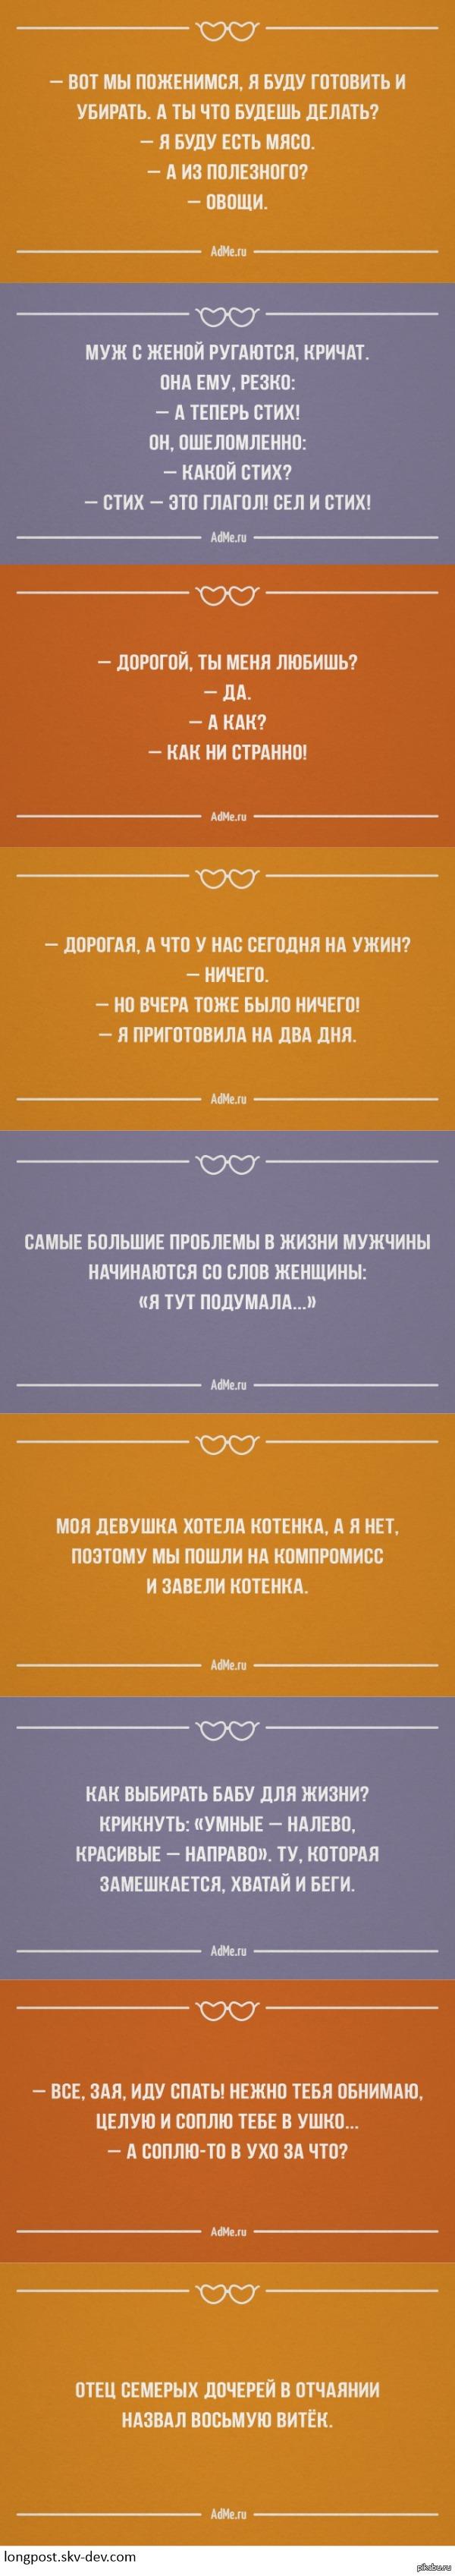 """Забавные """"аткрытки"""" про отношения взято с adme.ru"""